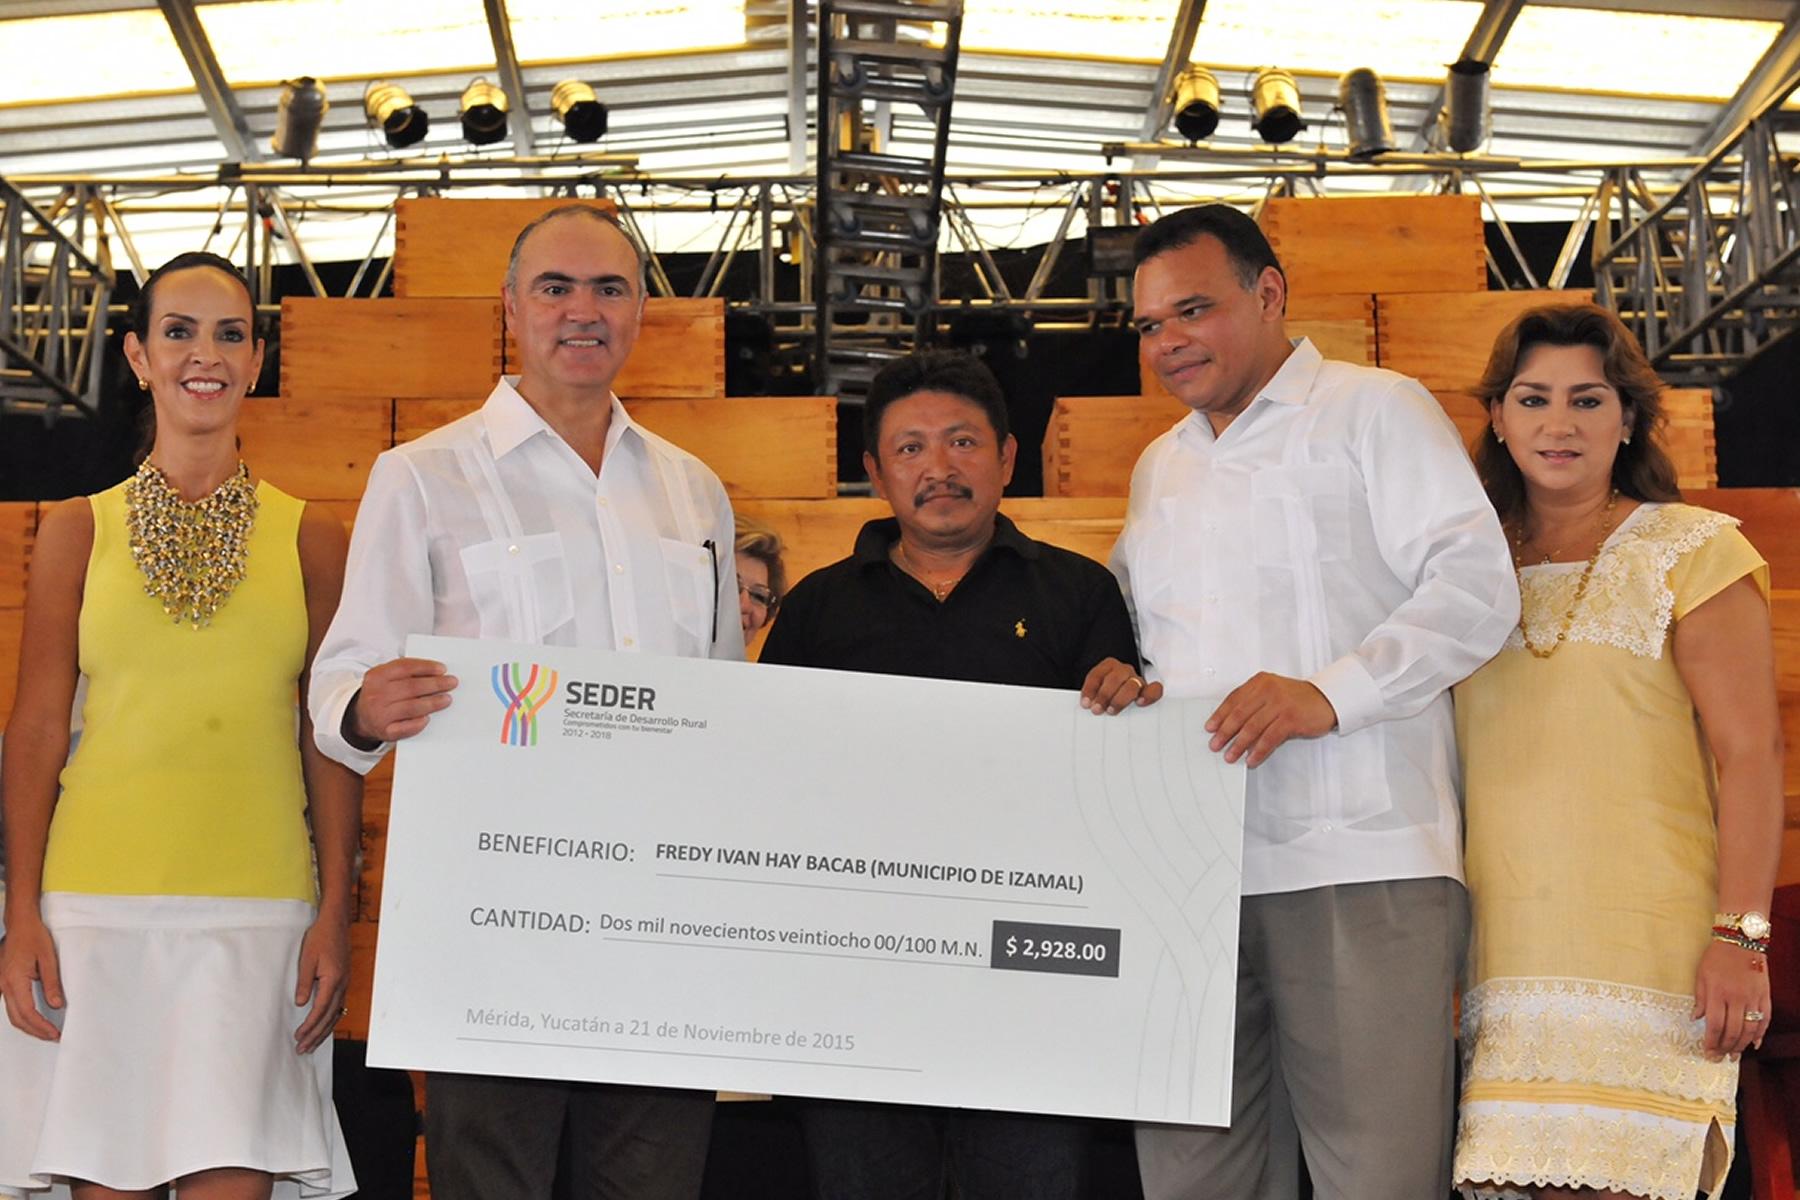 Incentivan SAGARPA y gobierno de Yucatán producción de henequén e impulsan sectores apícola, ganadero y pesquero.